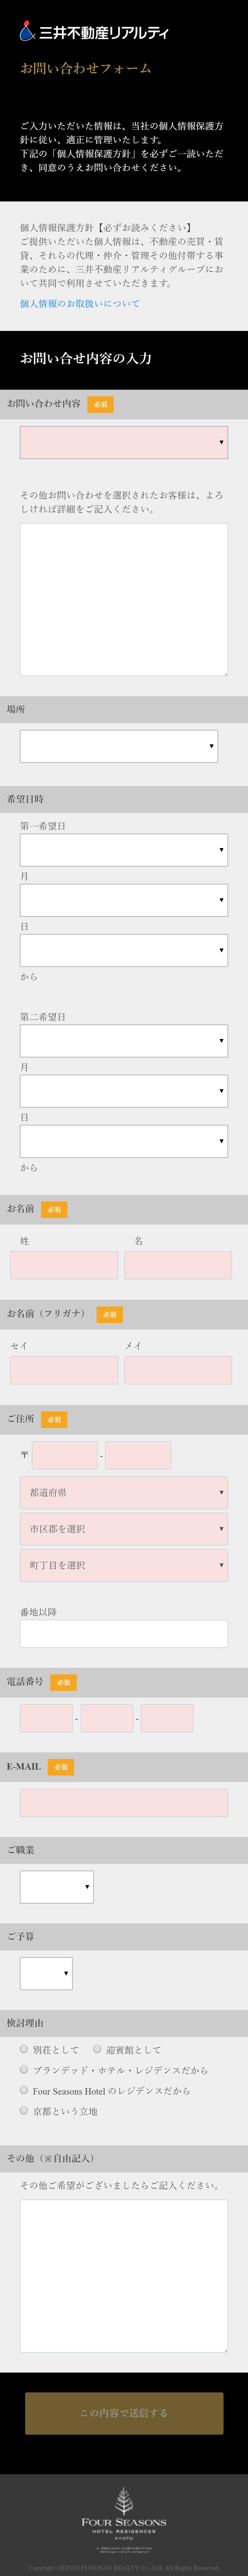 【公式】フォーシーズンズホテル レジデンス 京都